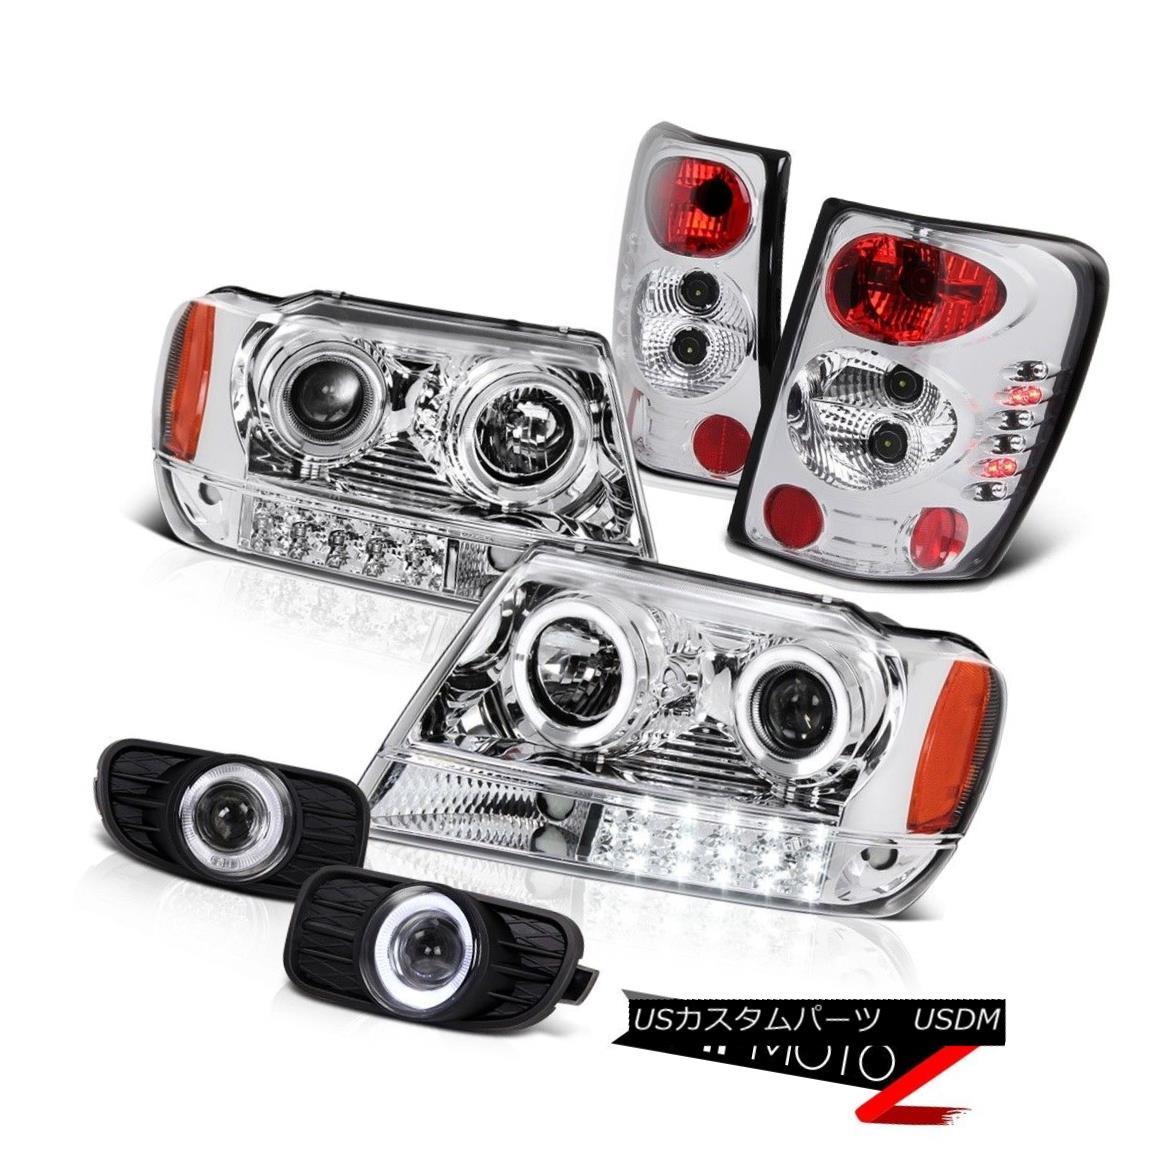 ヘッドライト JEEP 99-03 GRAND CHEROKEE WG CHROME LED PROJECTOR HEADLIGHT+TAILLIGHT+FOG LIGHT ジープ99-03 GRAND CHEROKEE WG CHROME LEDプロジェクターヘッドライト+テール ライト+フォグライト